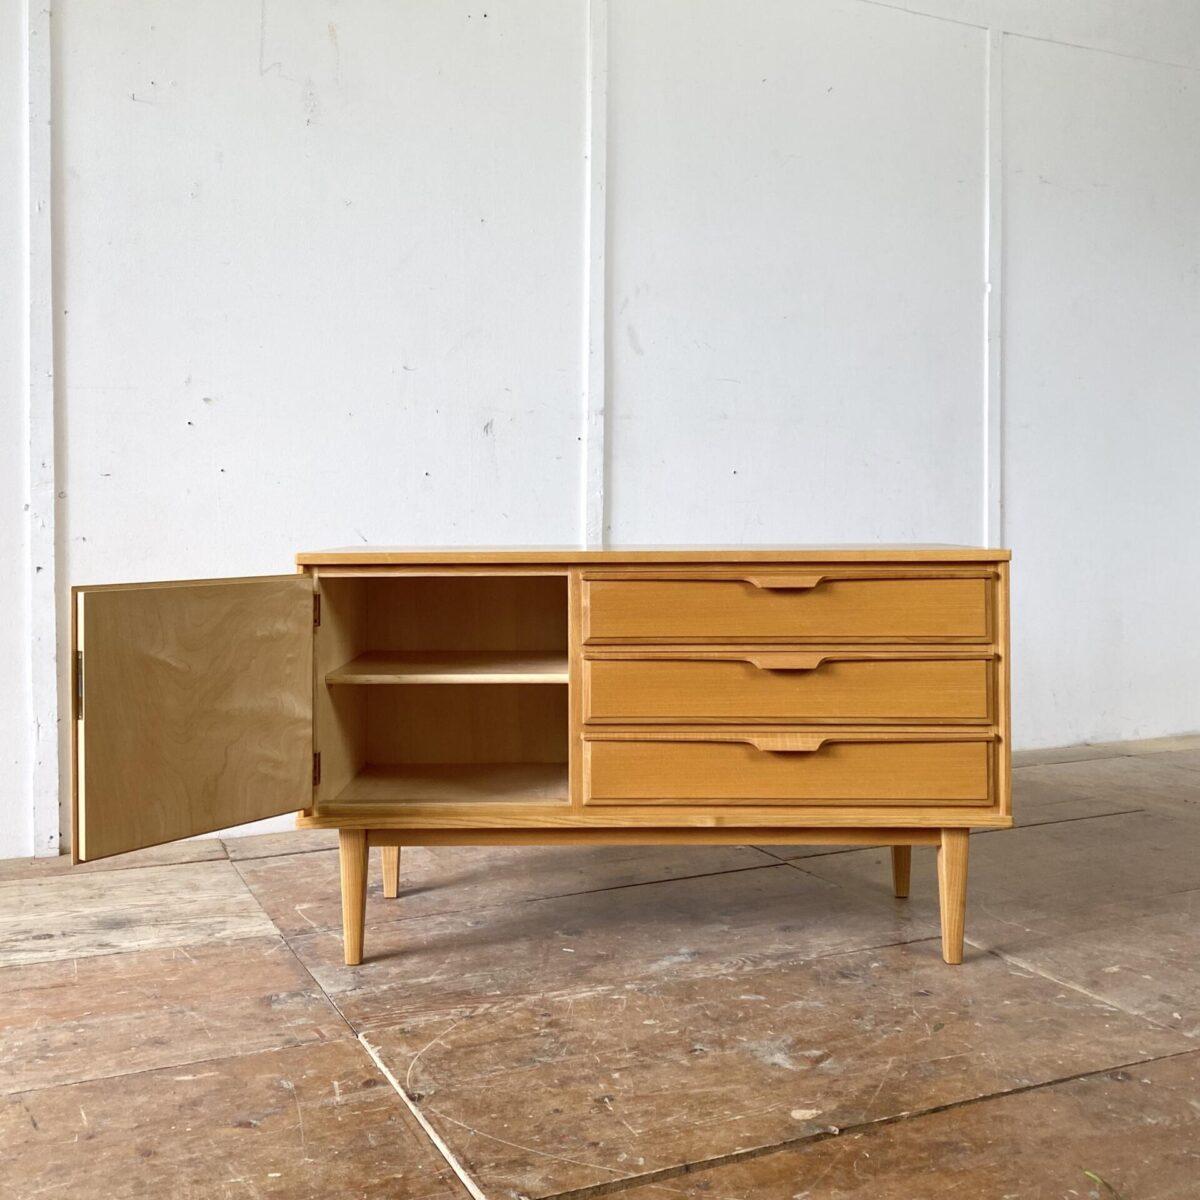 Deuxieme.shop swissdesign Sideboard 60er Jahre. Eschenholz Sideboard mit drei Schubladen und abschliessbarer Türe. 110x43cm Höhe 64cm. Die Schubladen sind aus Vollholz mit länglichen Holz Schubladengriffen. Die Kommode steht, mit schöner Bodenfreiheit, auf konischen Beinen.